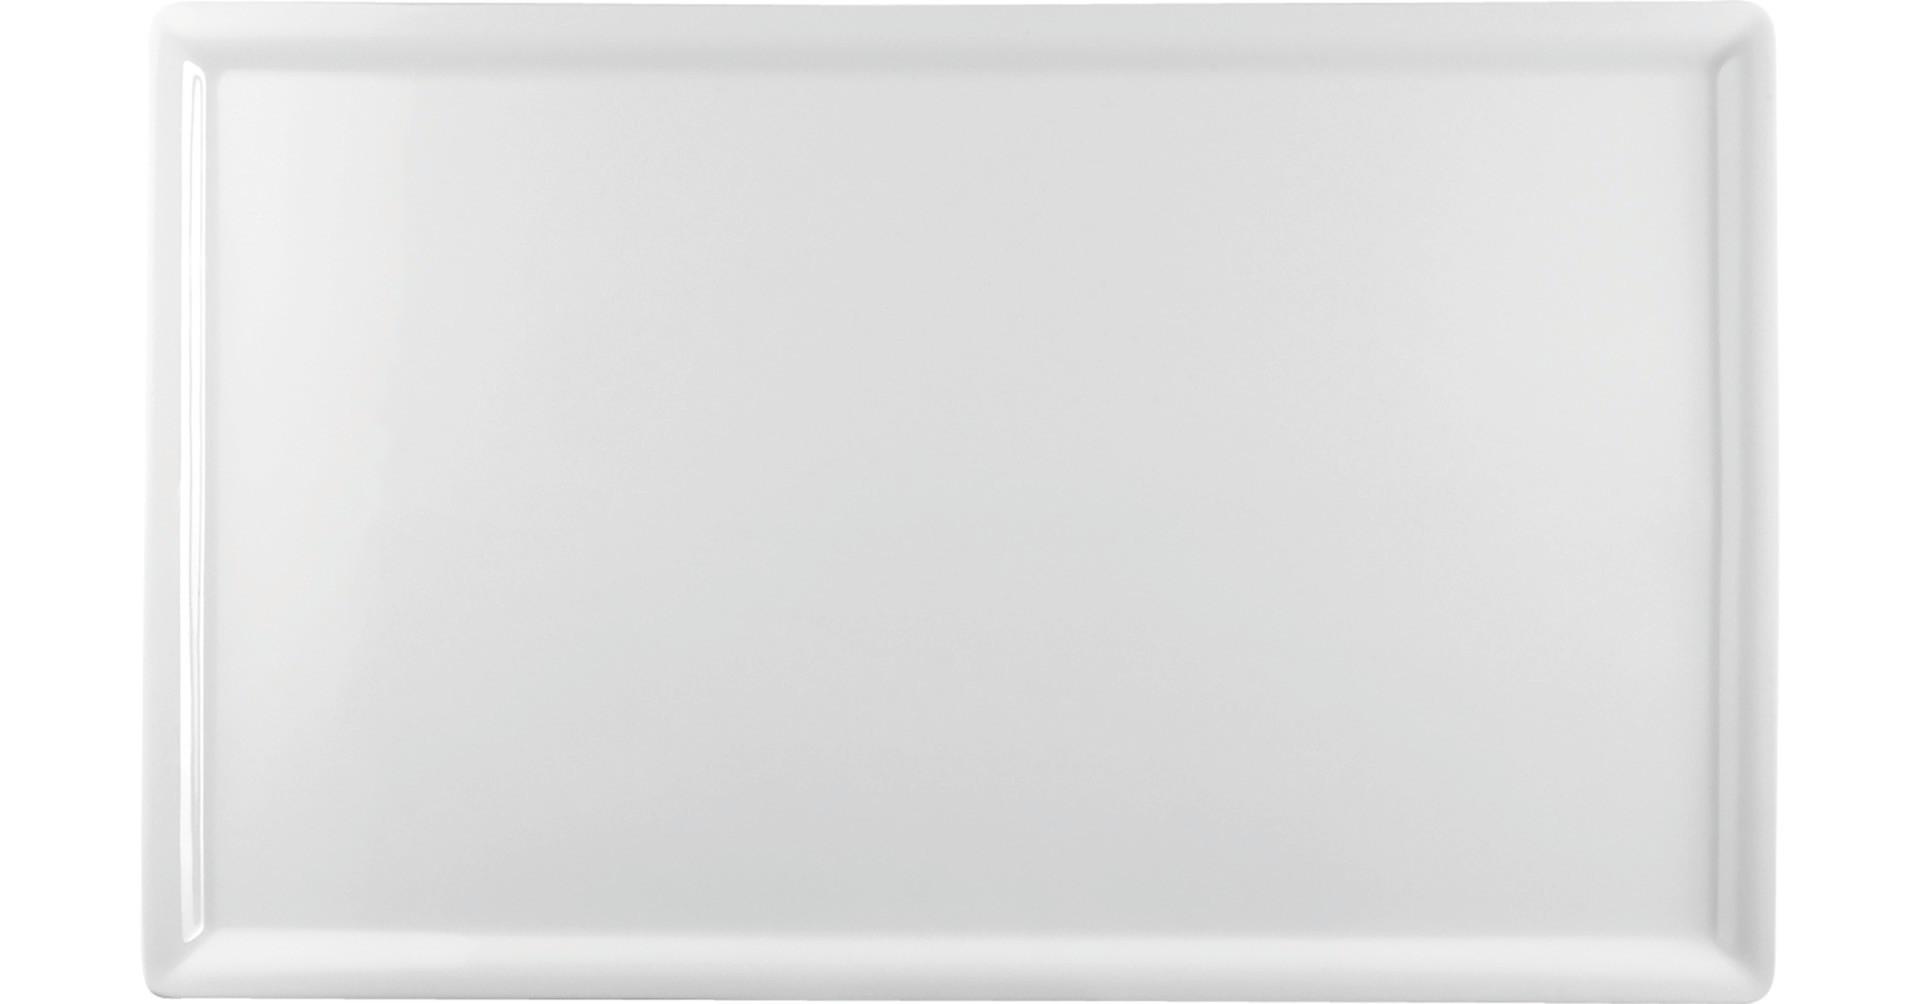 Buffet Gourmet, GN-Platte GN 1/1 530 x 325 mm